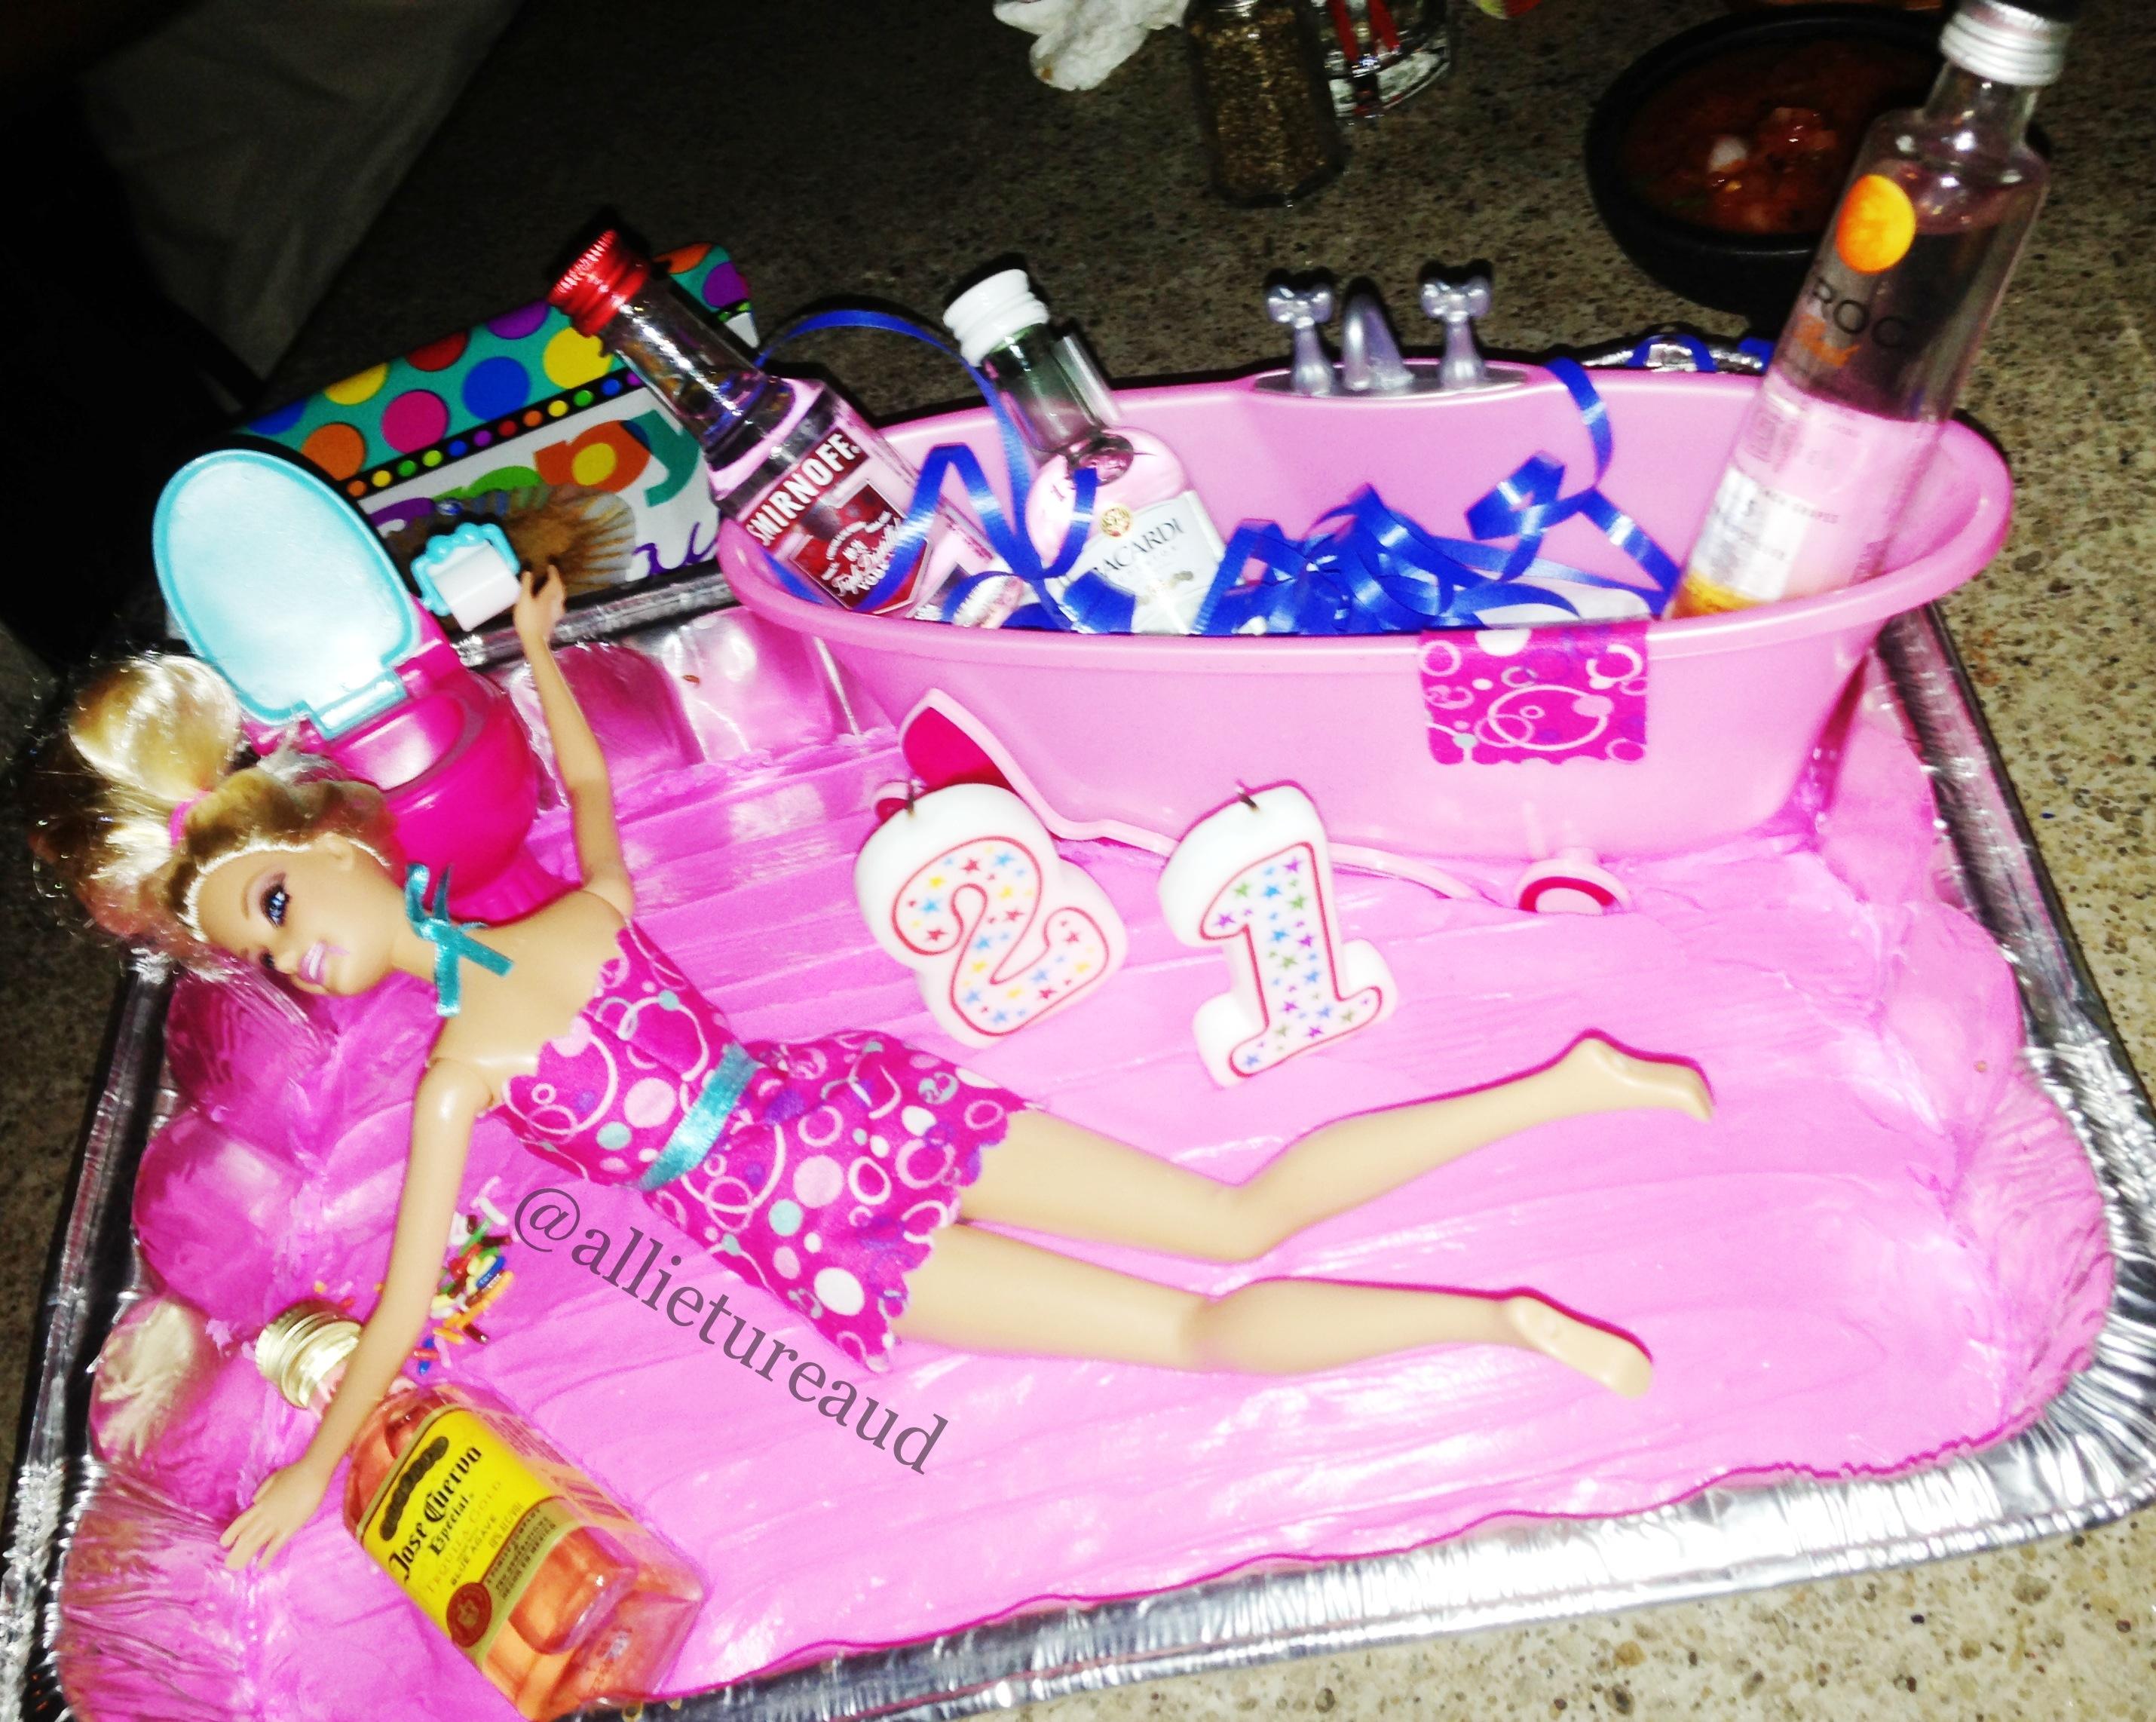 11 Drunken Barbie 21st Birthday Cakes Photo Drunk Barbie 21st